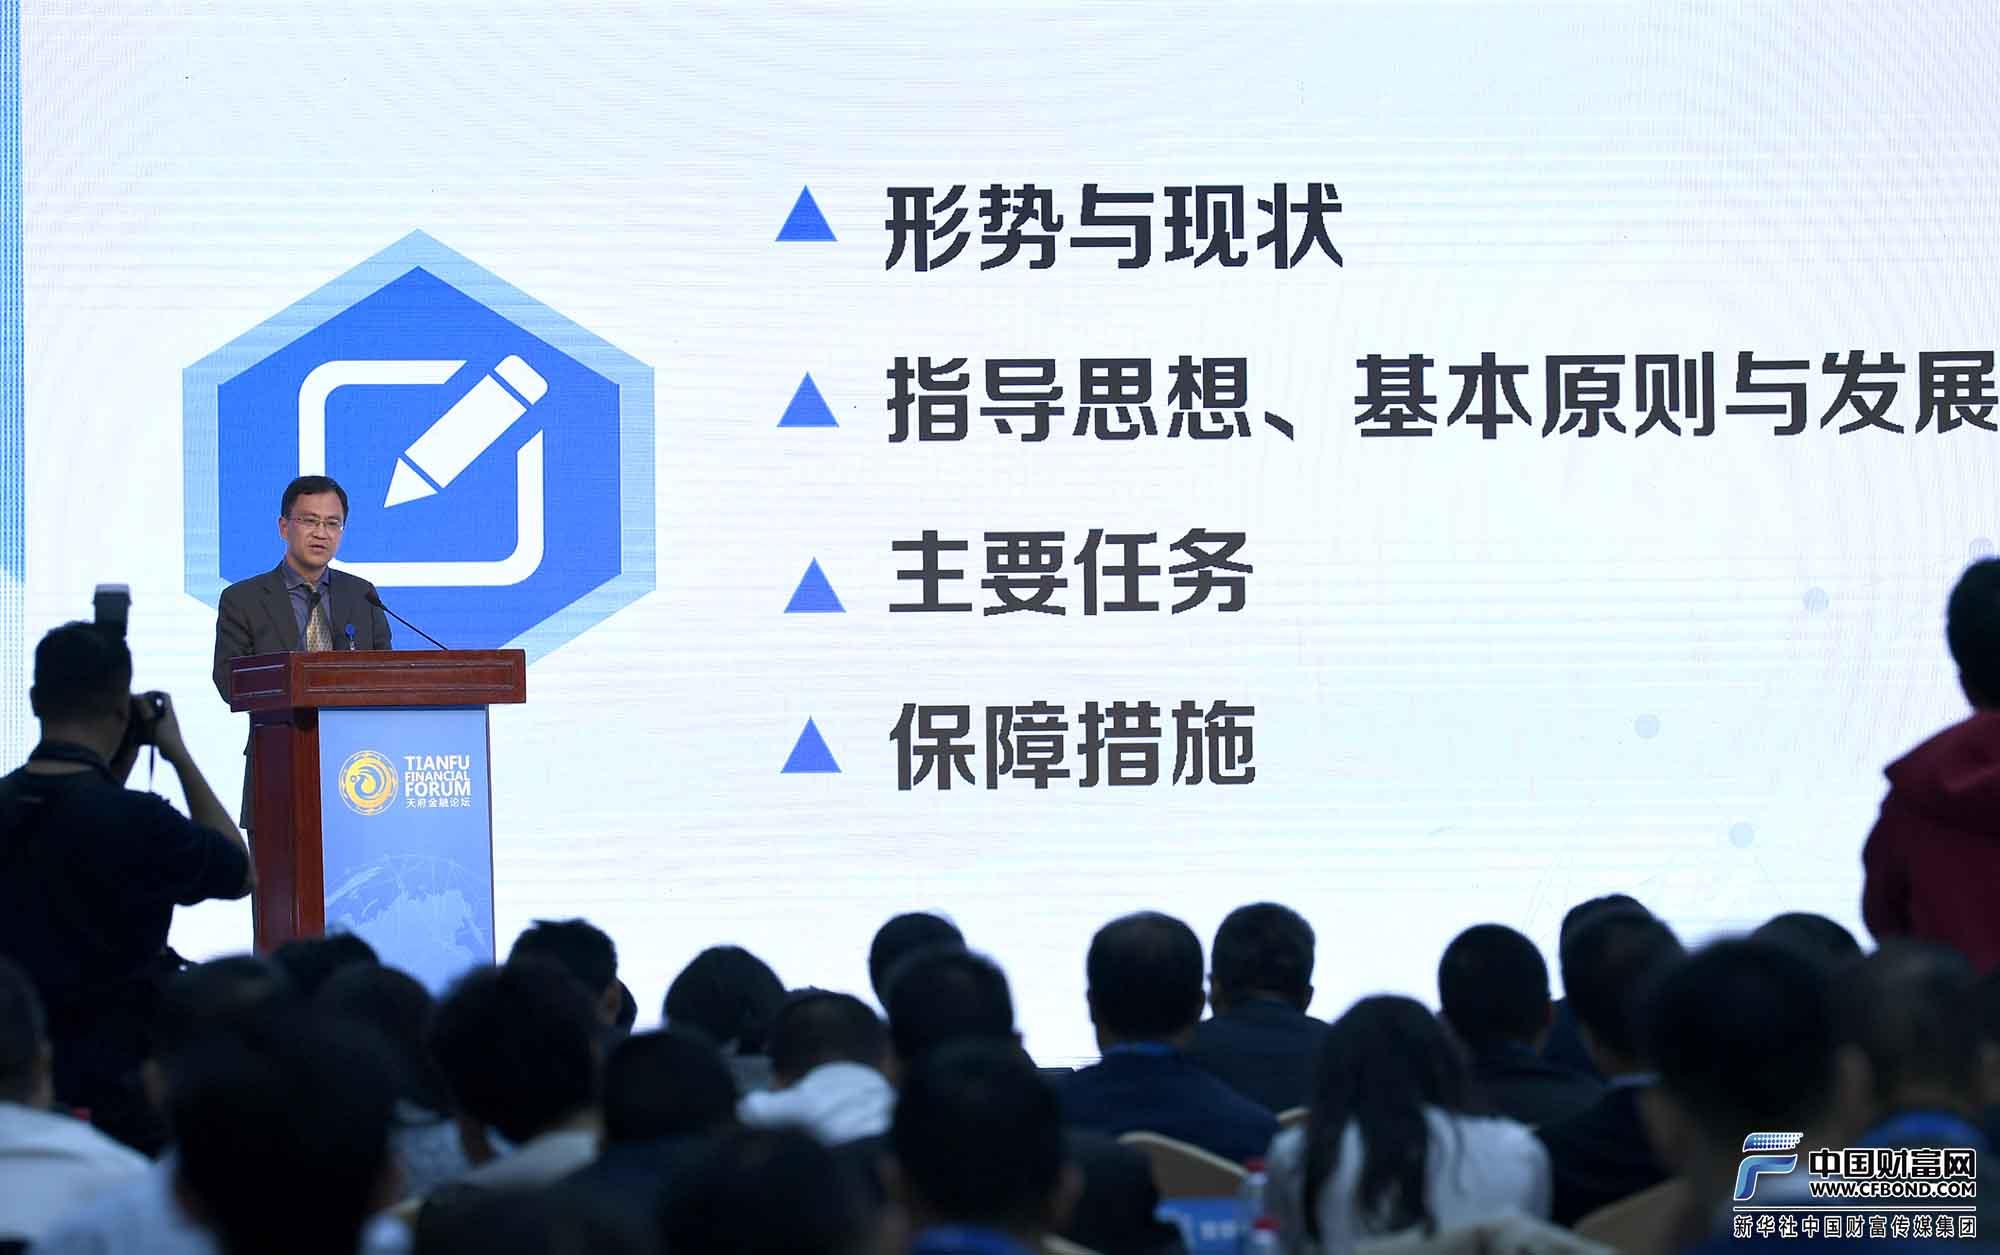 西南财经大学中国金融研究中心主任王擎解读《四川省科技金融发展规划(2018—2020年)》